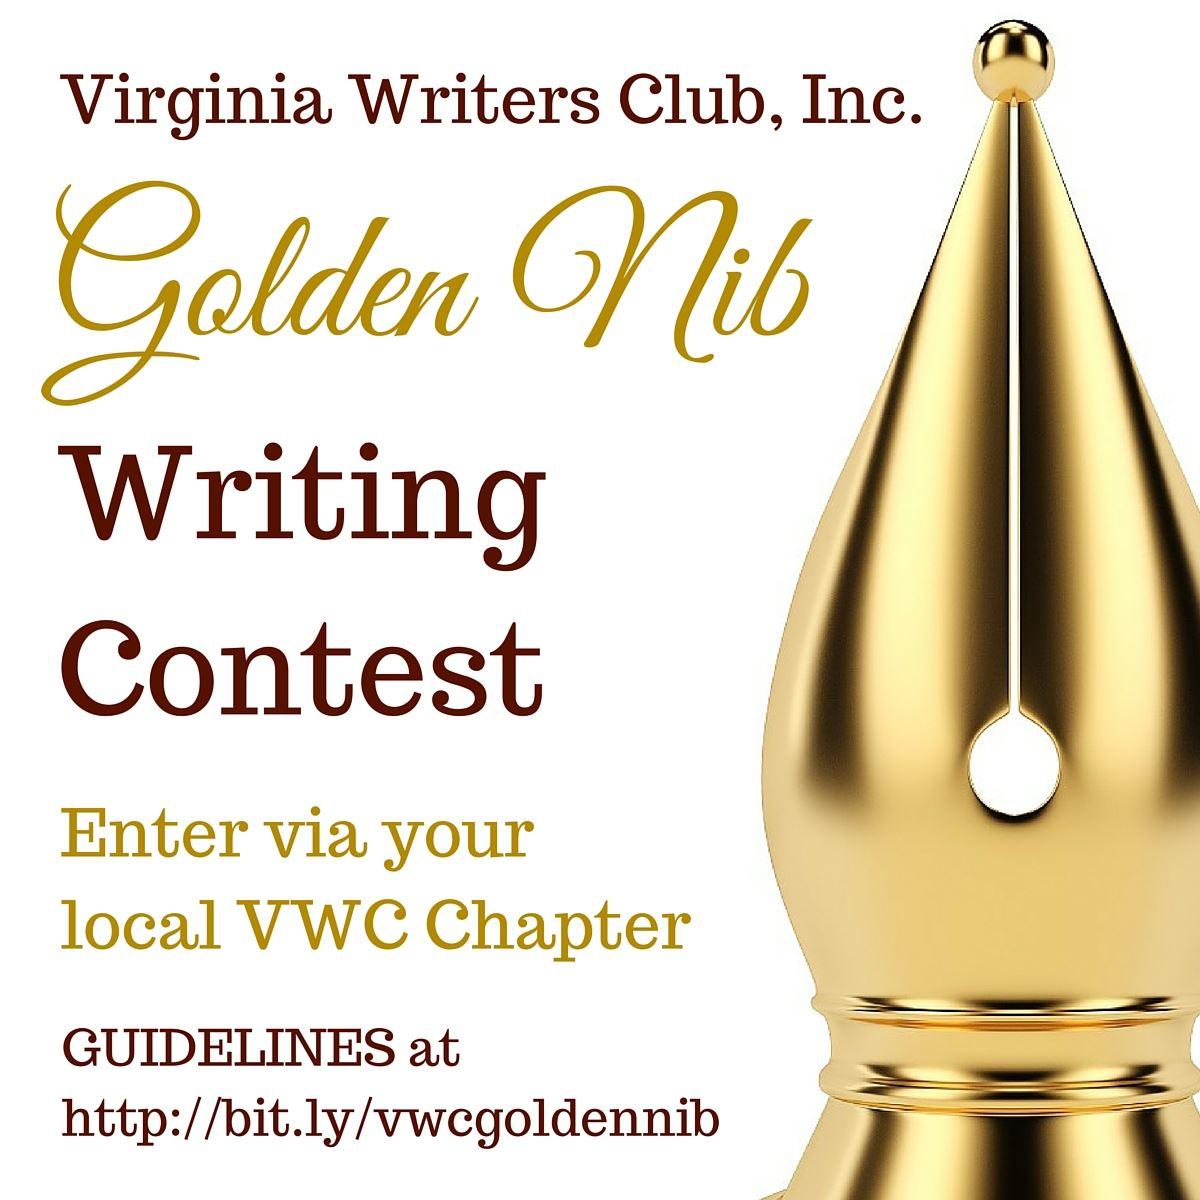 Creative nonfiction essay contest to win